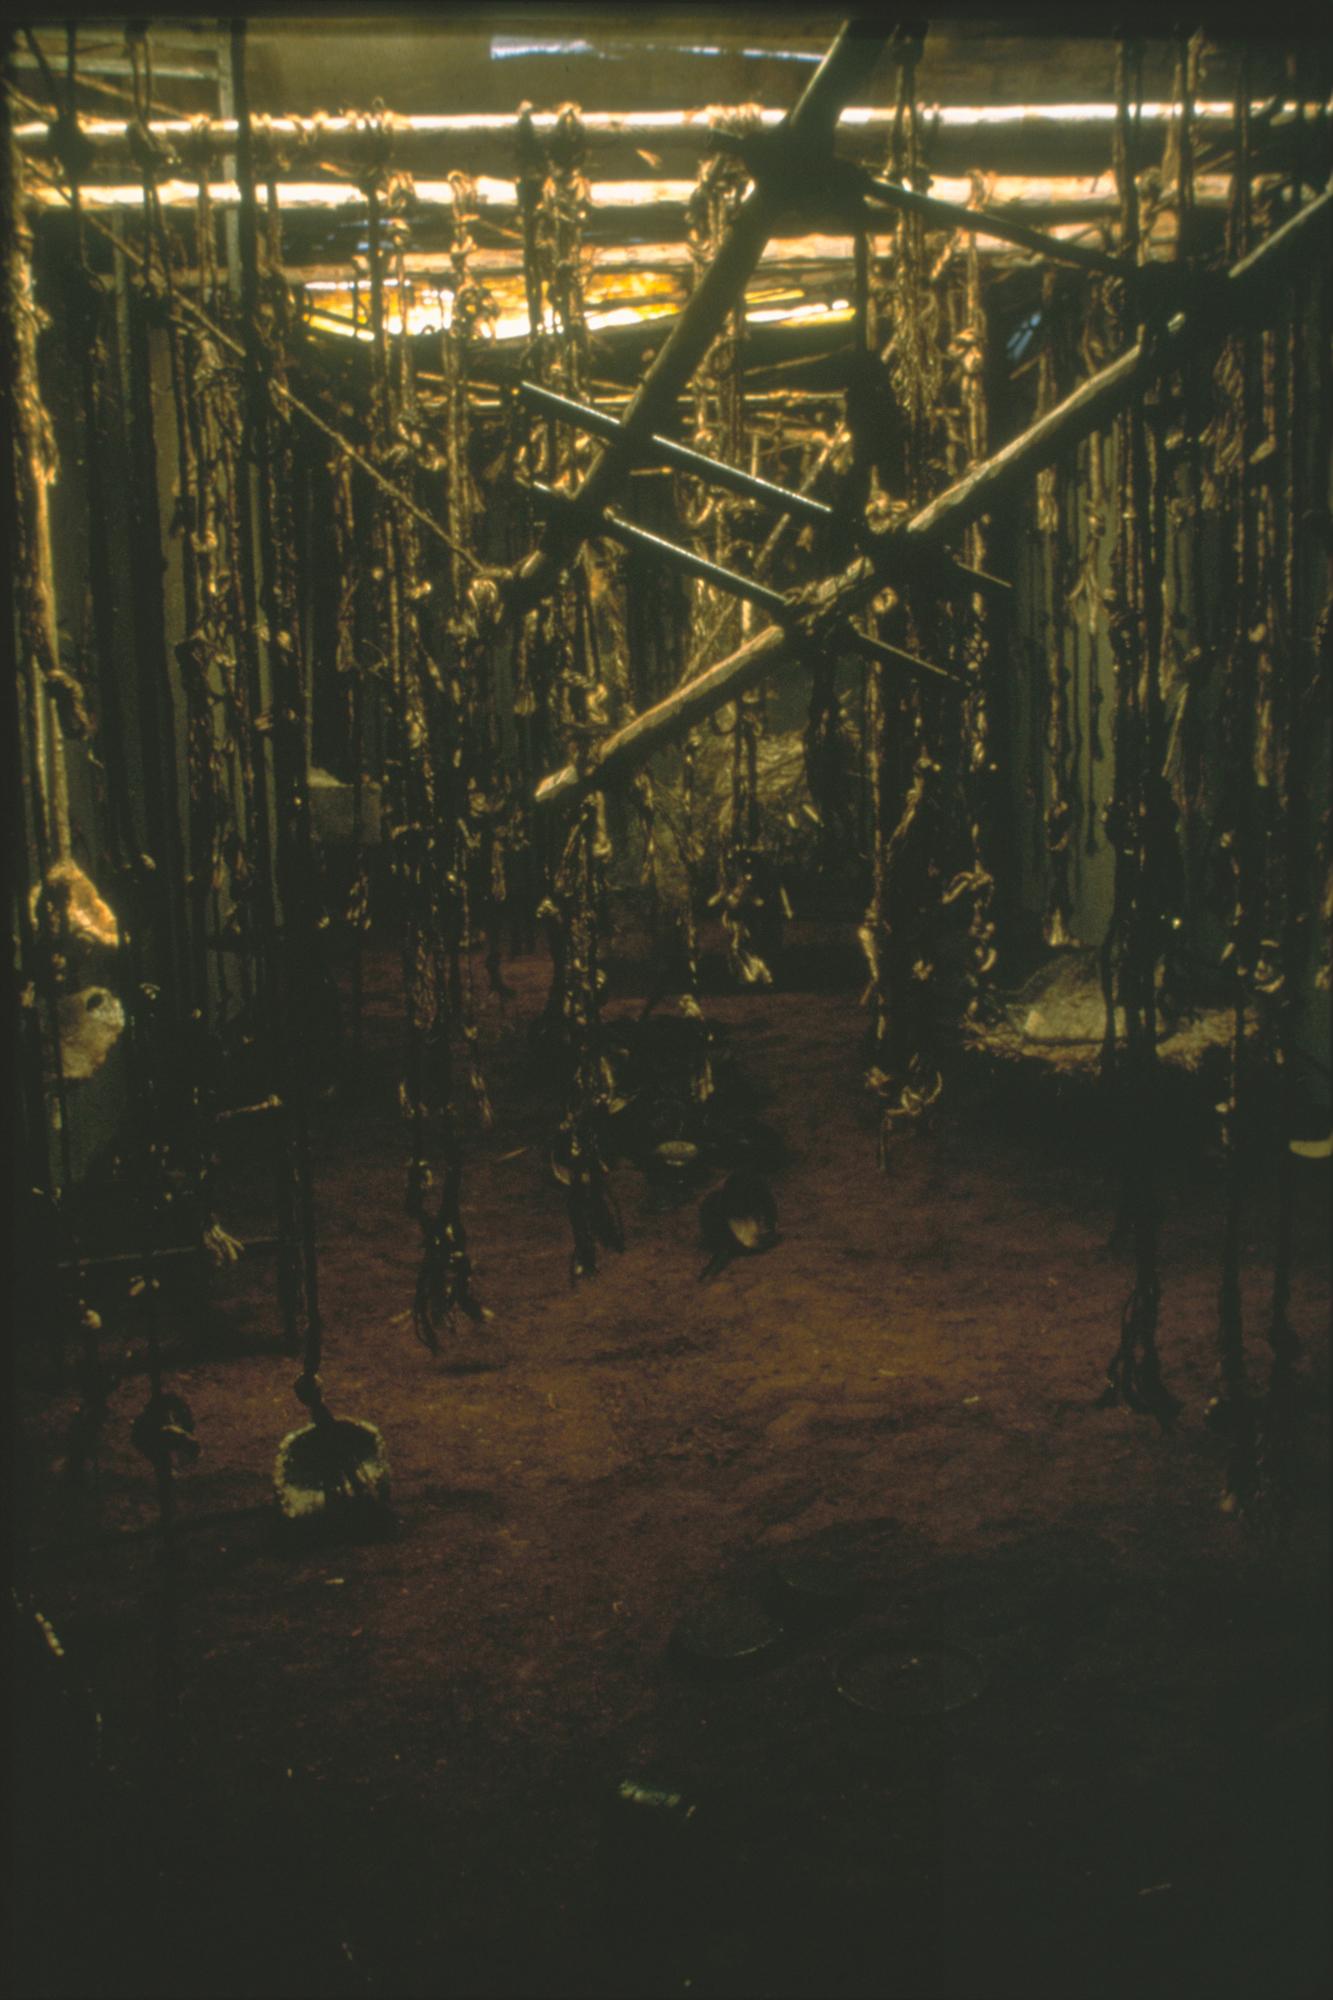 Memento-Mori-1995-007.jpg